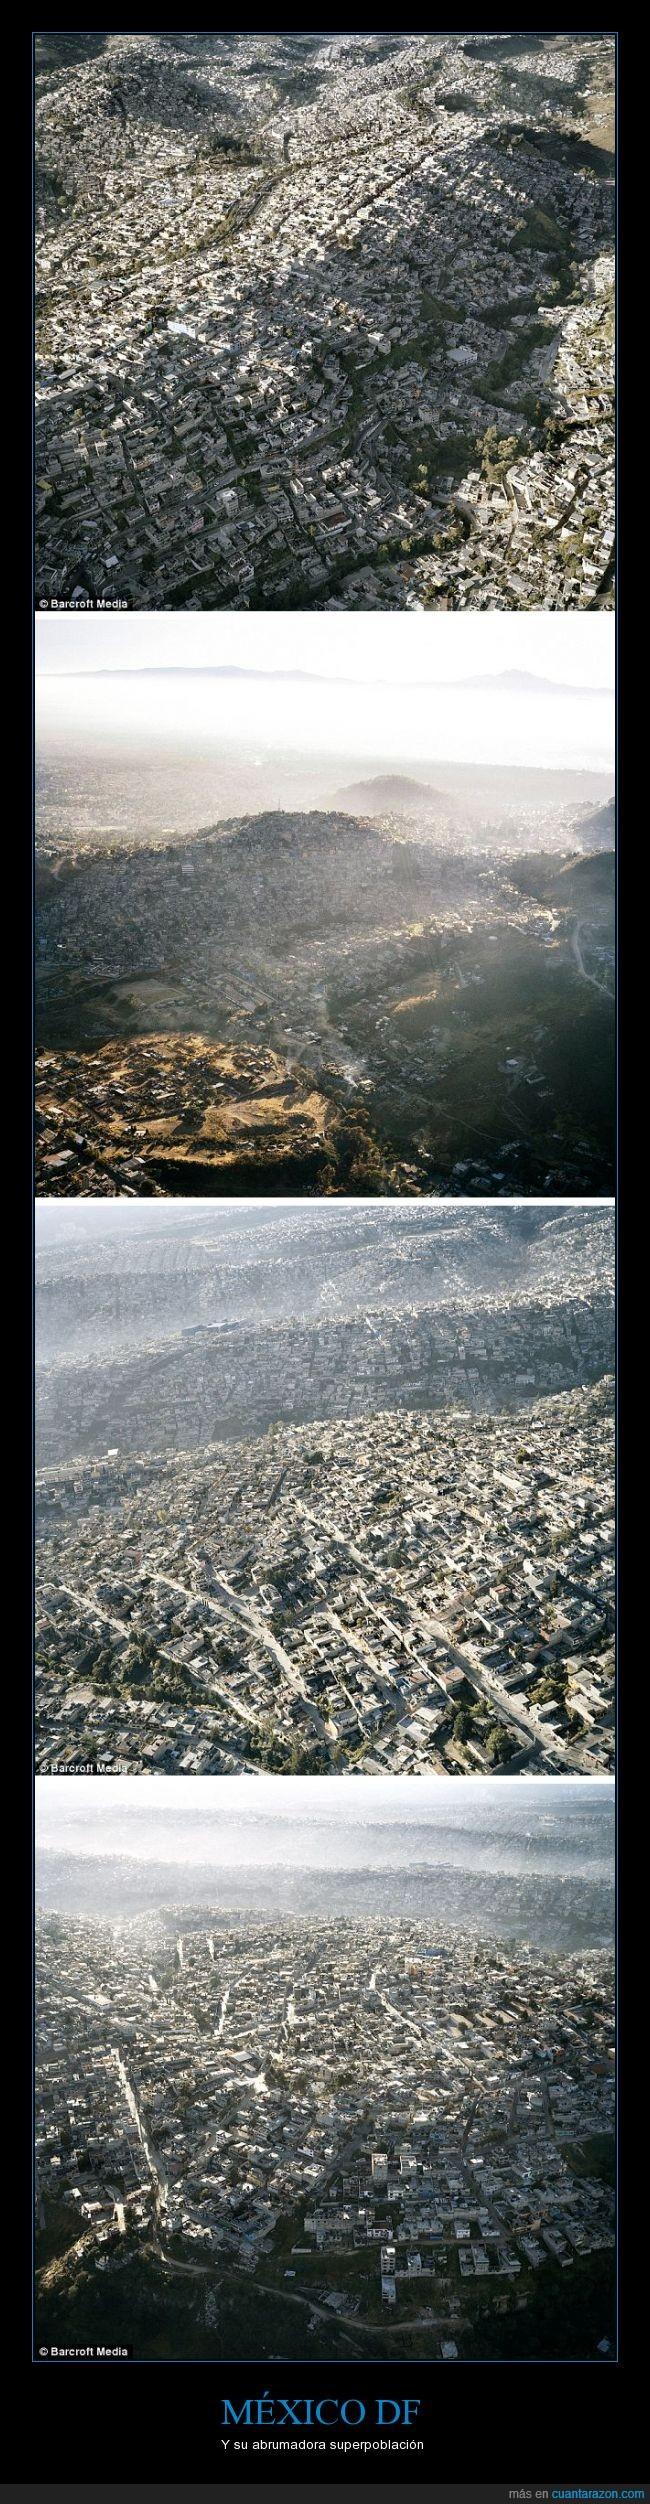 aéreo,el hombre gana a la naturaleza,grande,sobrepoblación,tamaño,valle